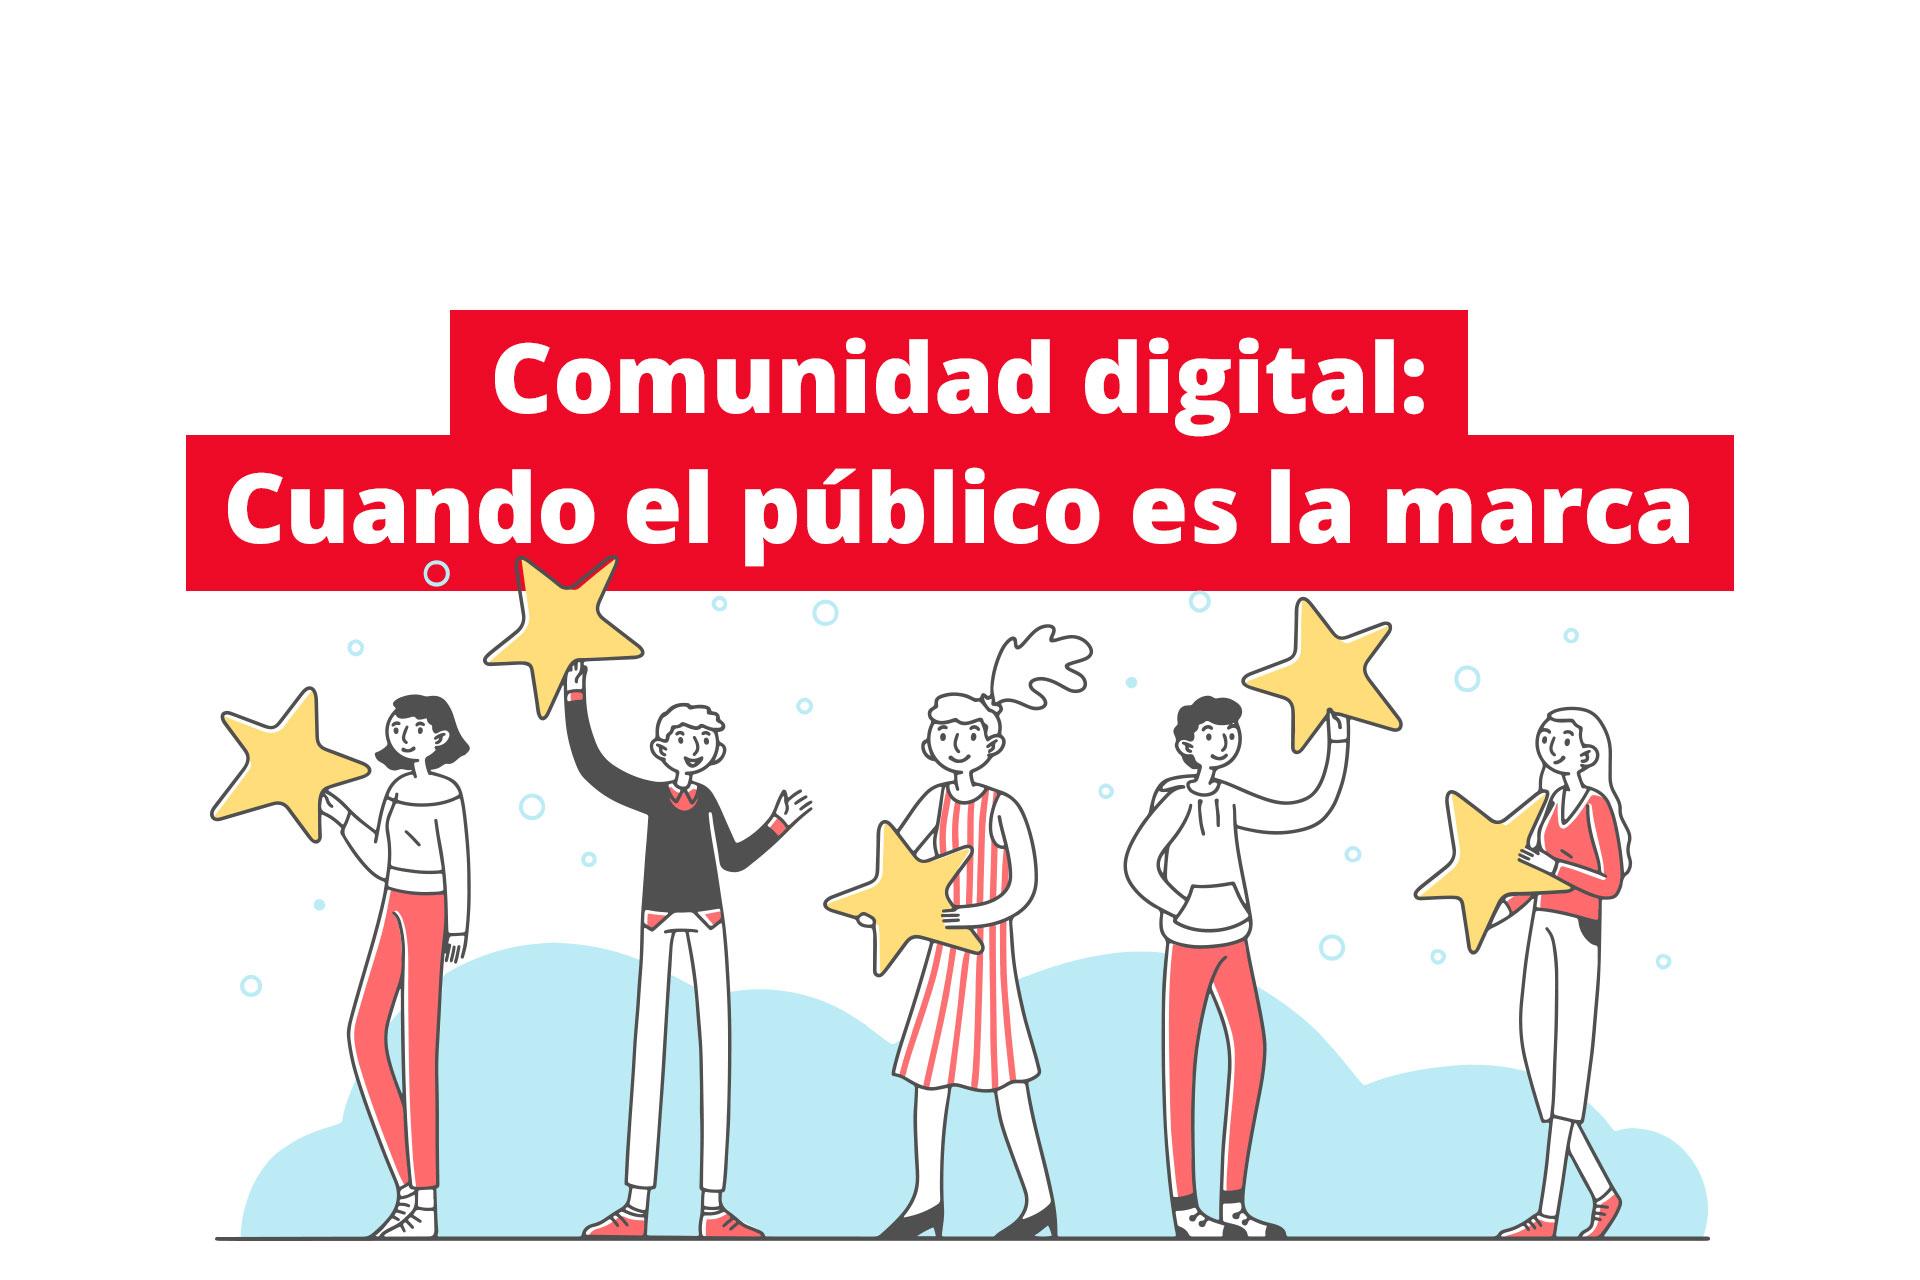 Comunidad digital: Cuando el público es la marca 7